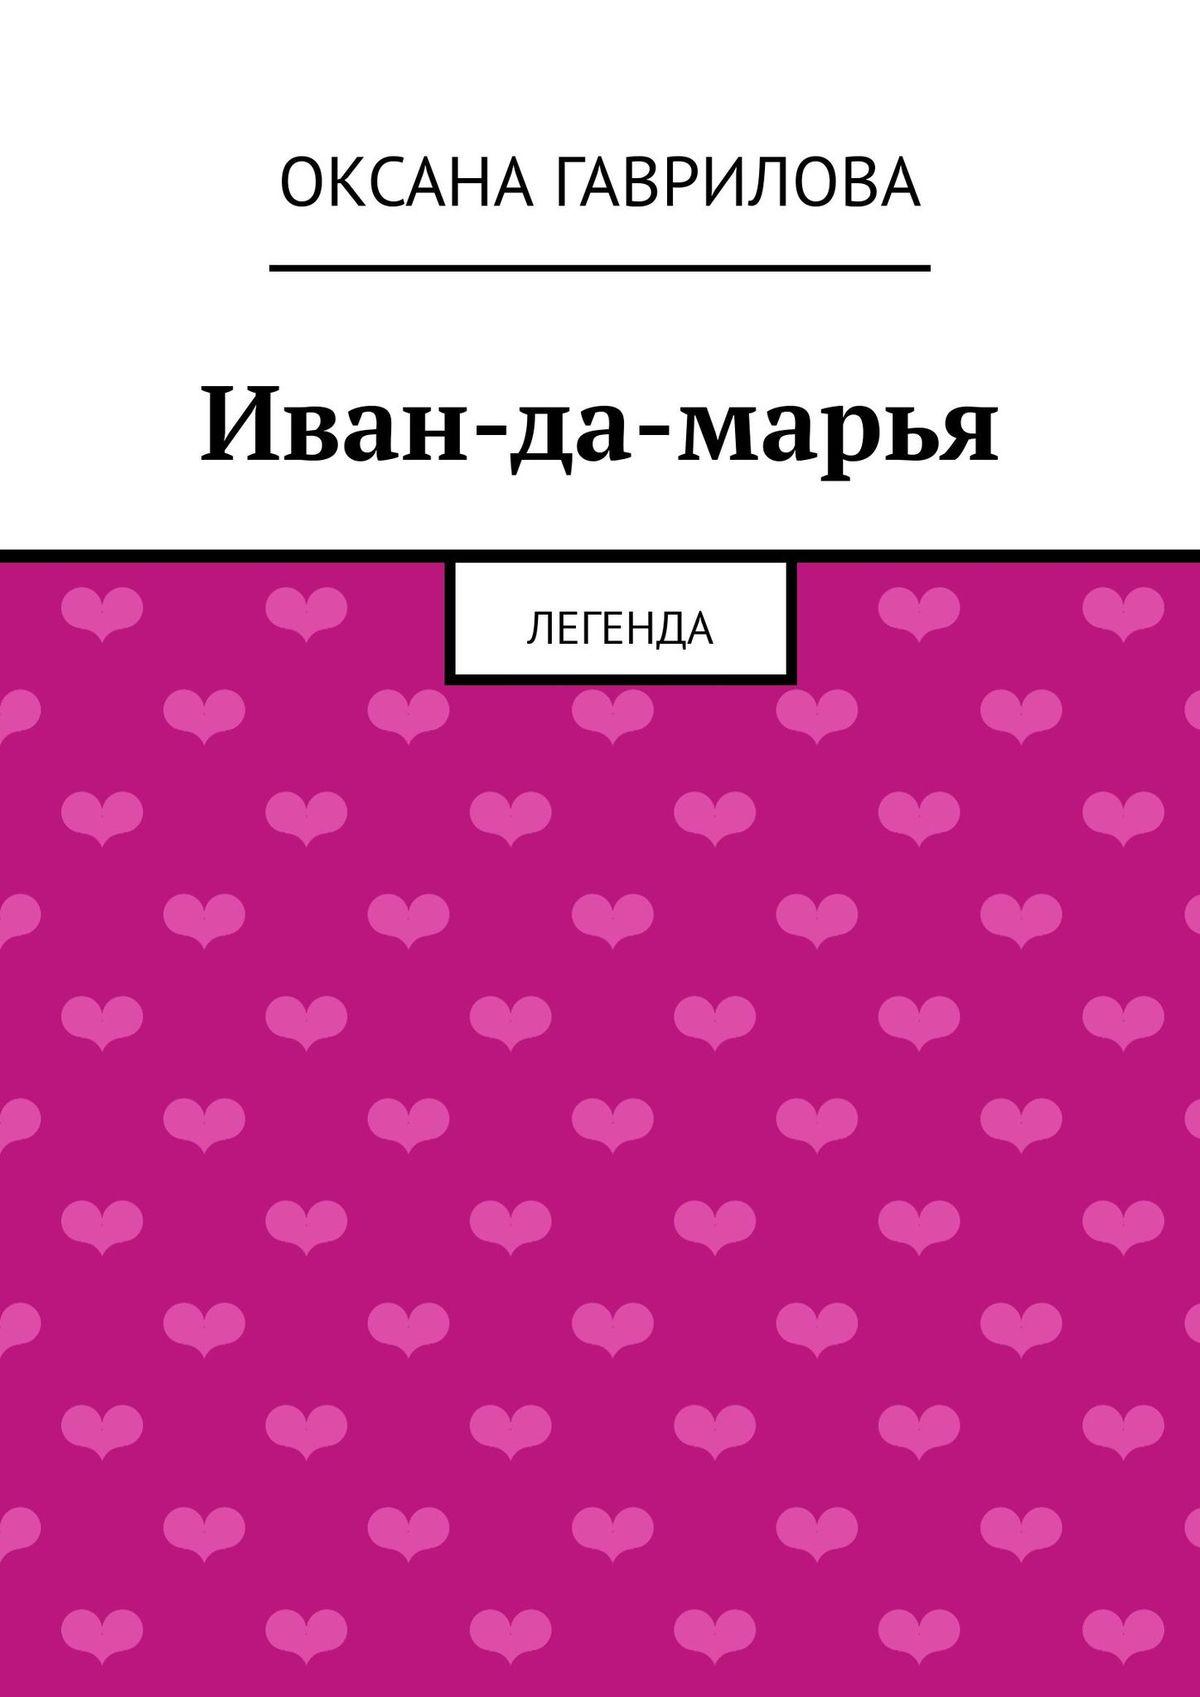 Оксана Гаврилова Иван-да-марья. Легенда